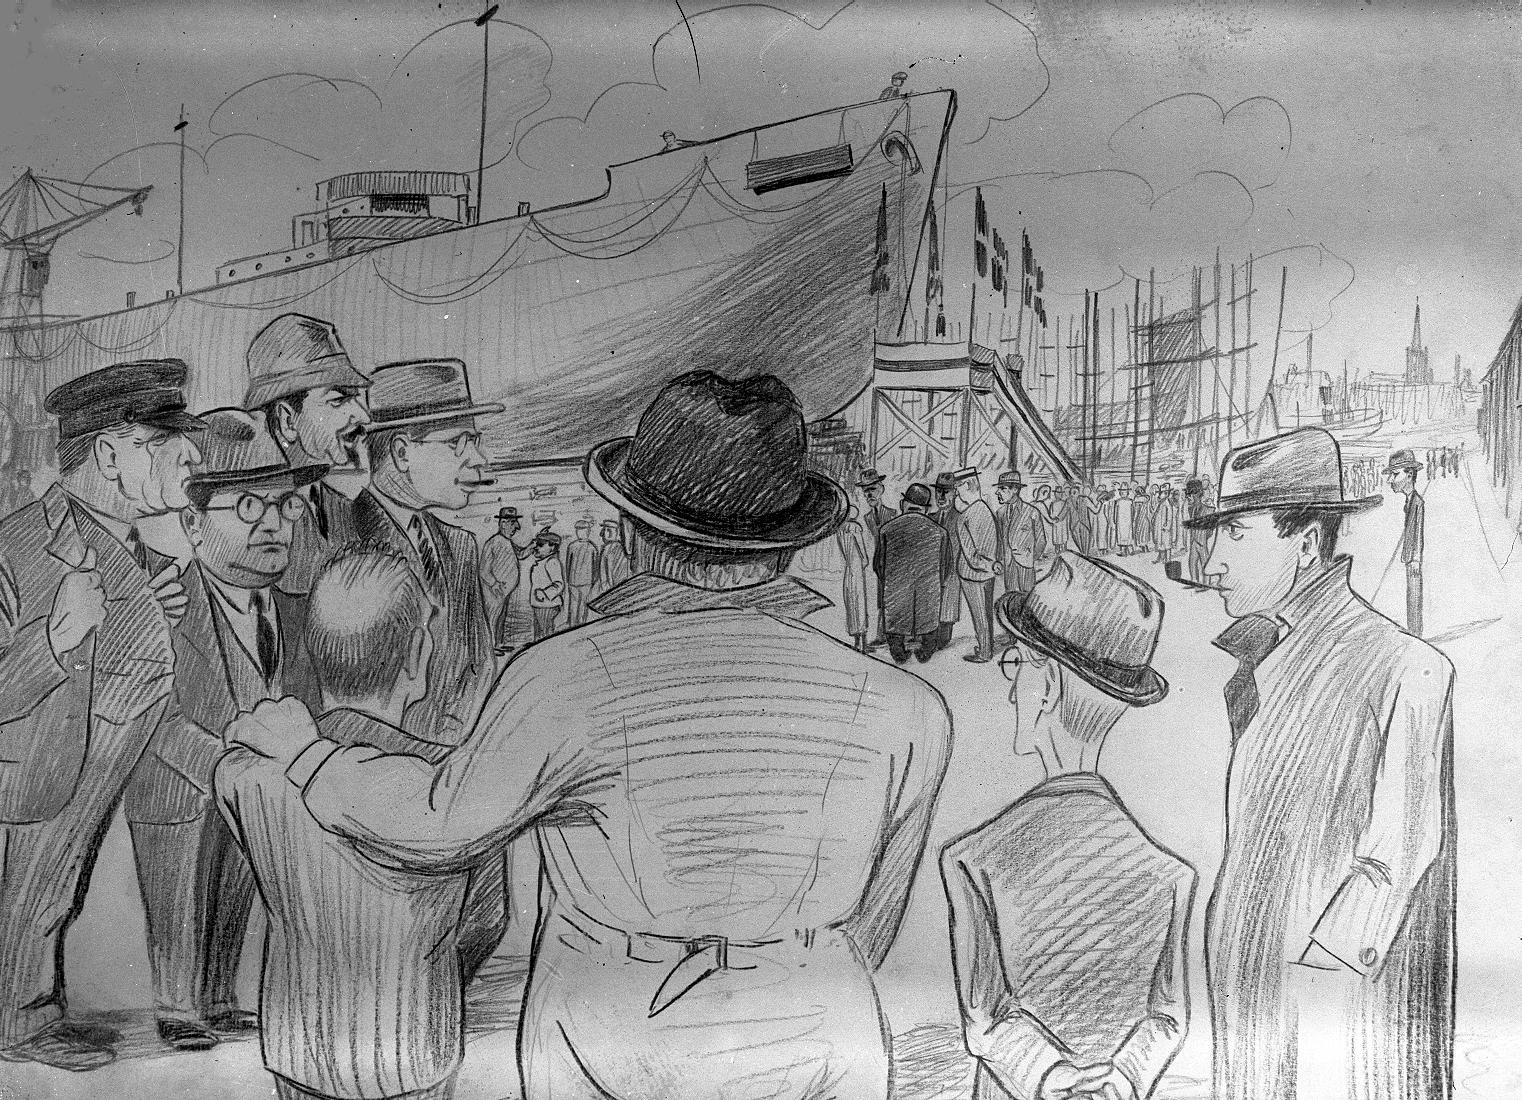 Tegning af stabelafløbning